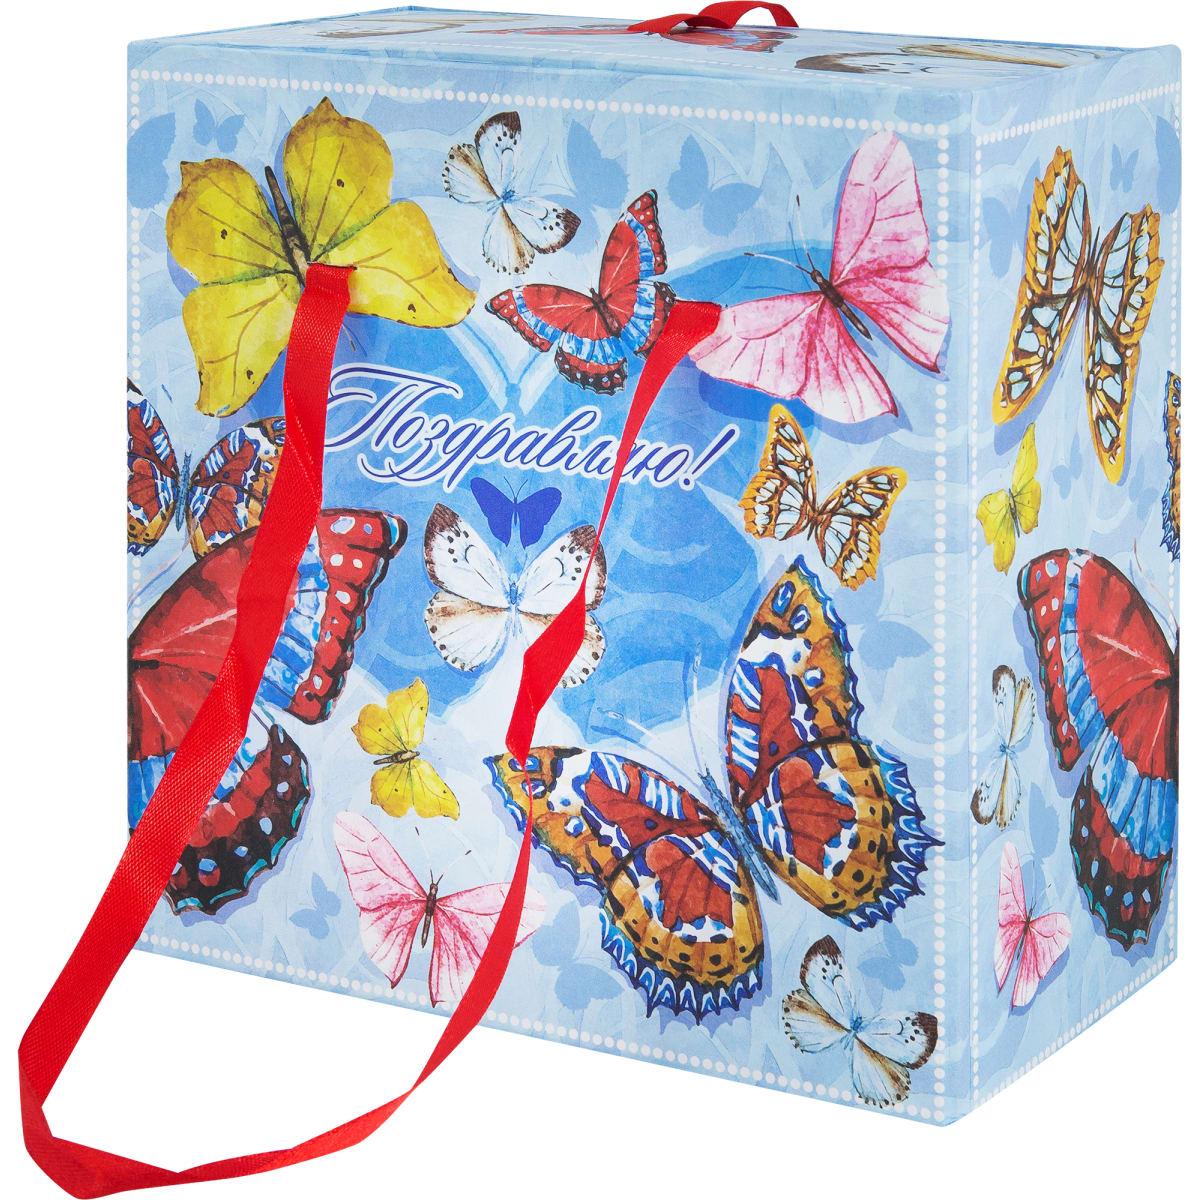 Коробка подарочная 76868, картон, 18х18х9.5 см